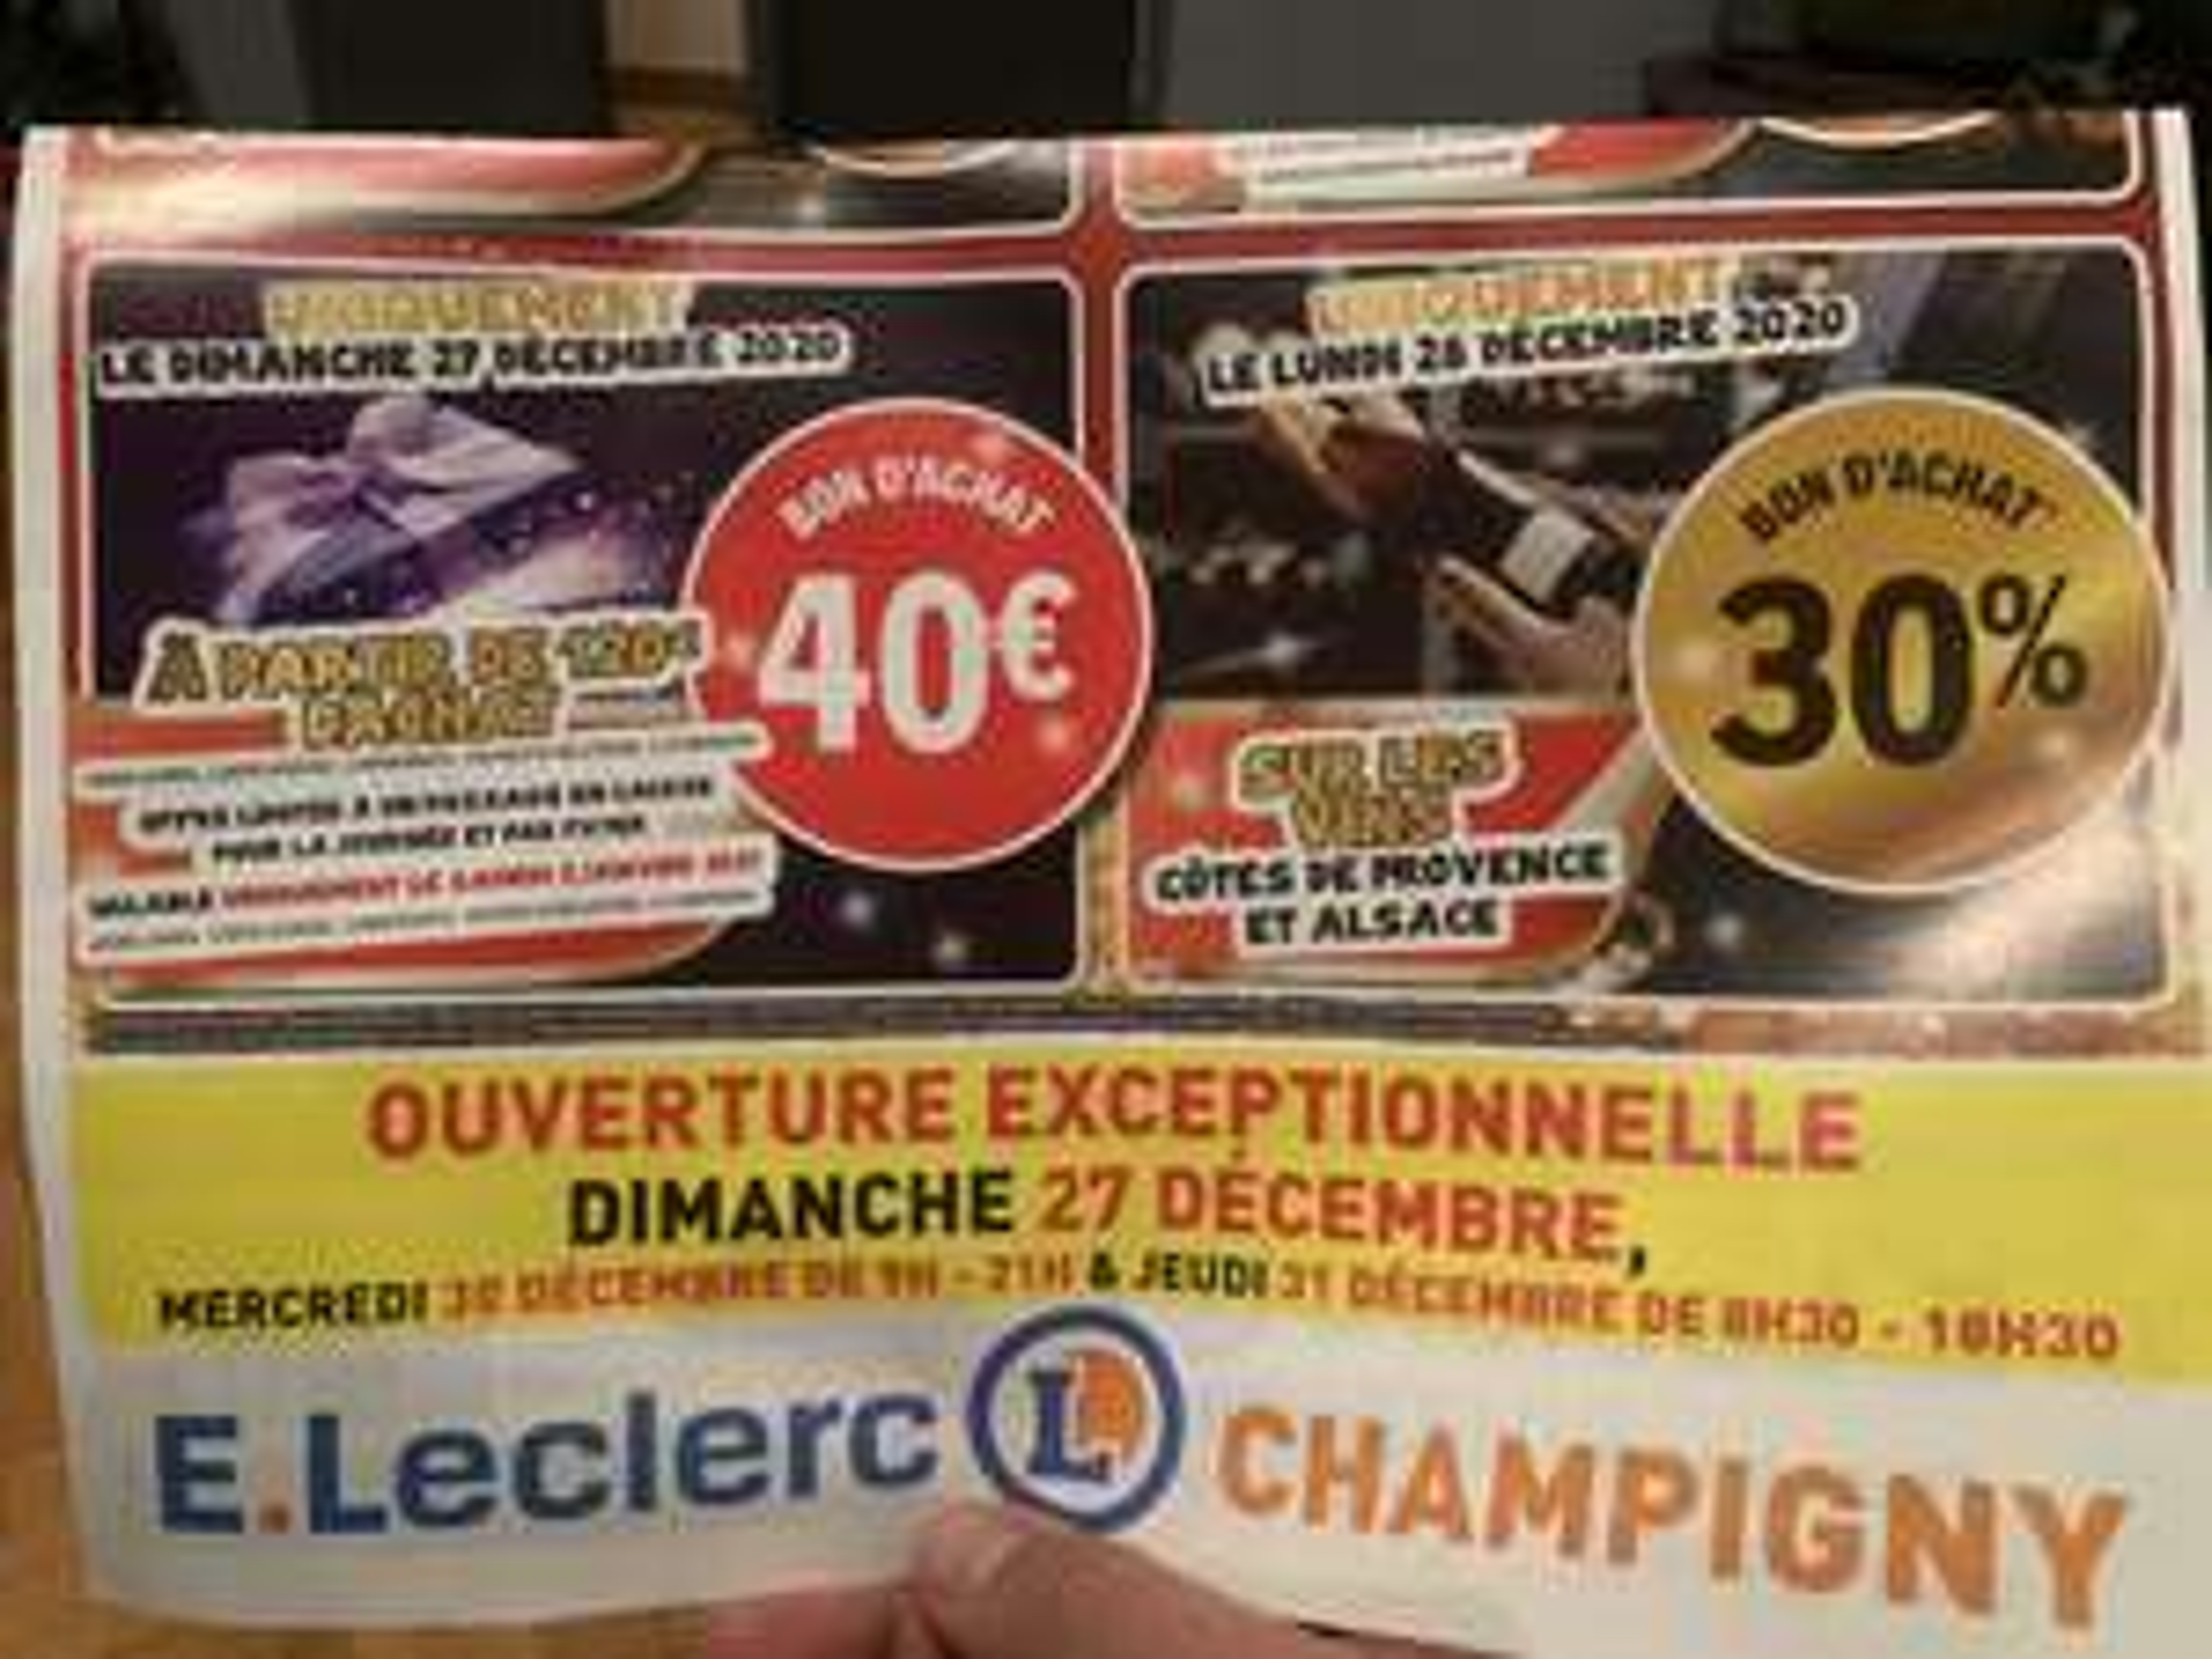 40€ en bon d'achat dès 120€ d'achat sur tout le magasin (hors exceptions) - Champigny-sur-Marne (94)